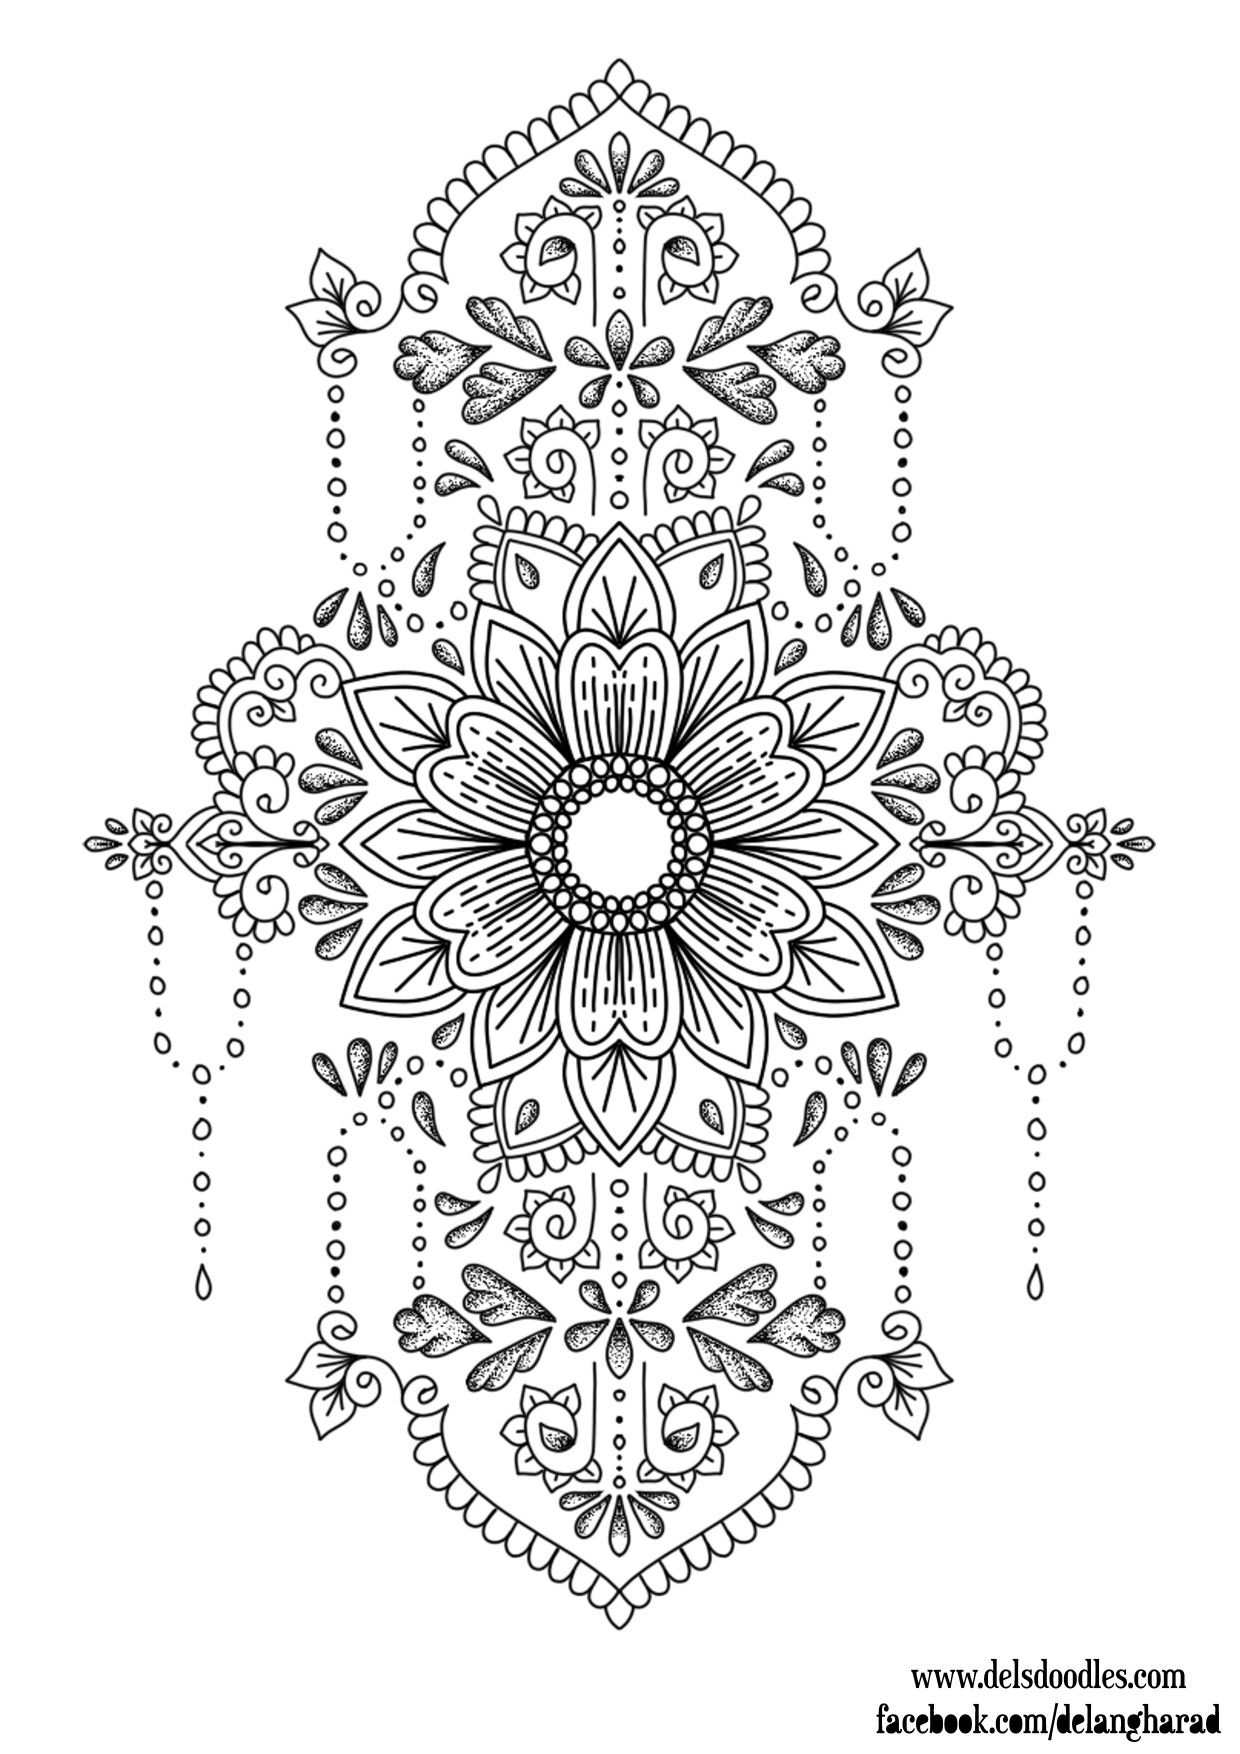 Pin de Maricarmen Magaña en Mandala para colorear | Pinterest ...